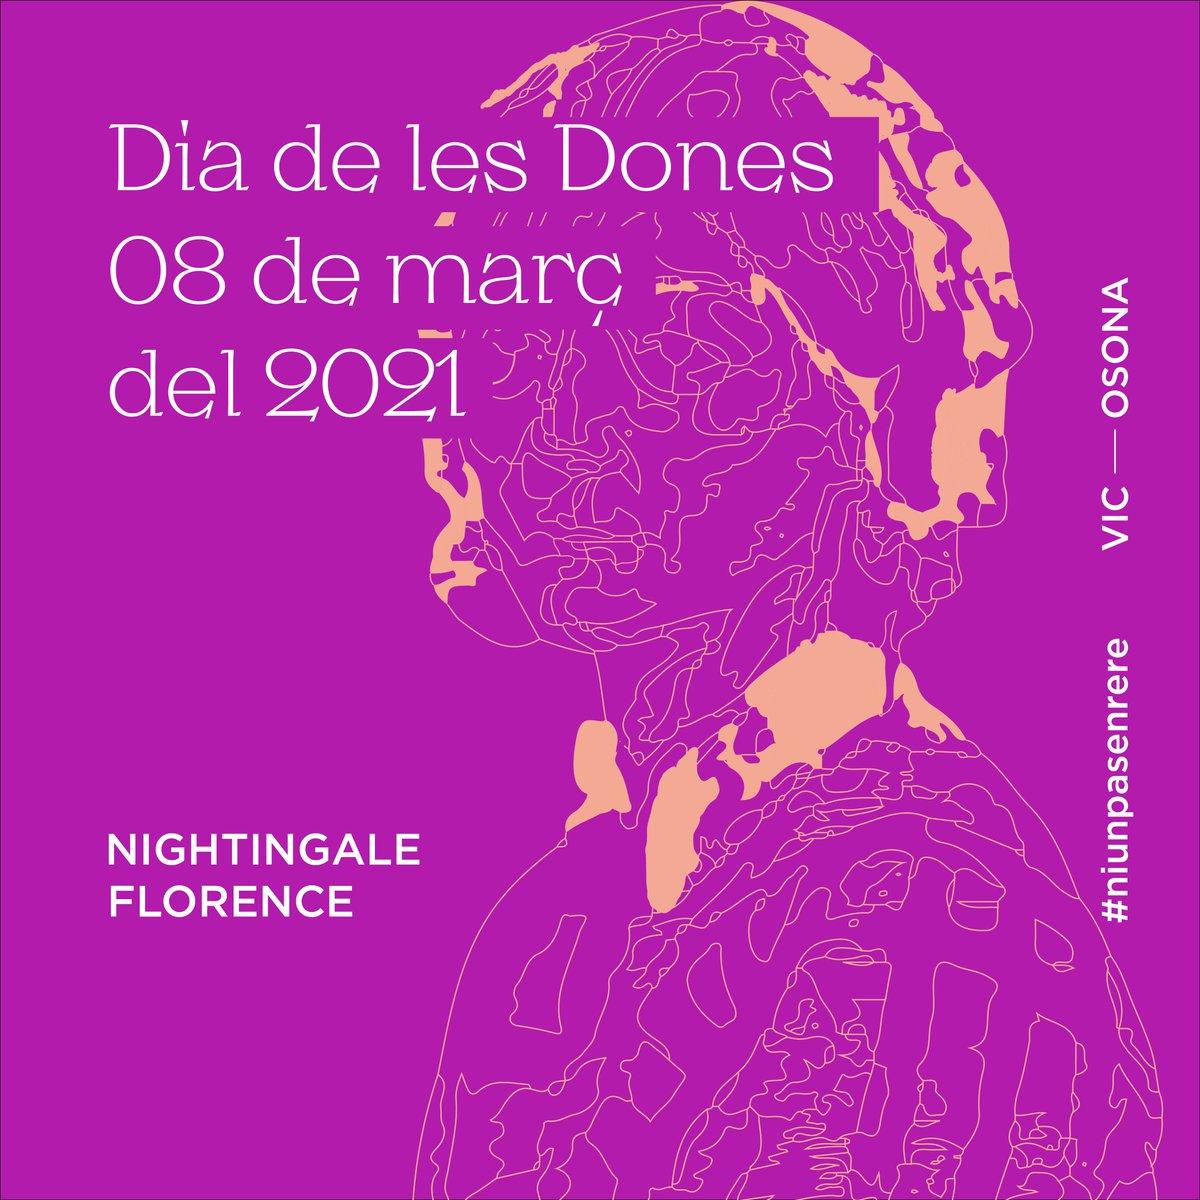 8 de març, Dia internacional de les dones 2021